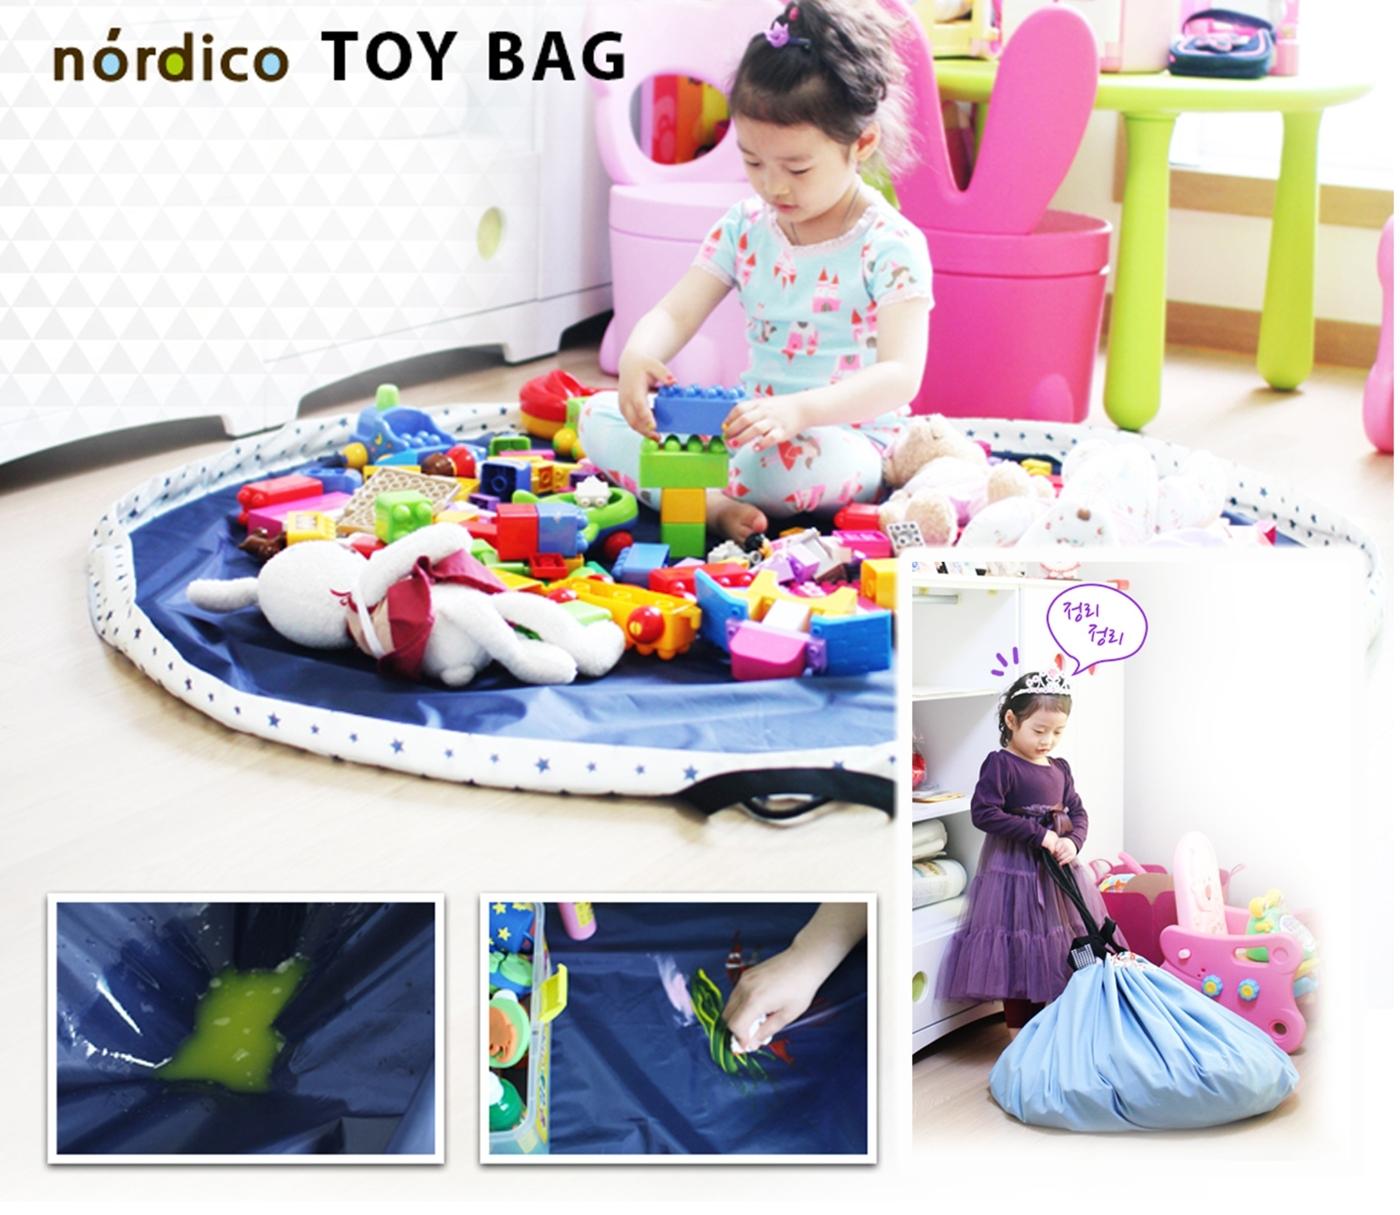 韓國進口懶人媽媽多功能餐墊玩具收納袋